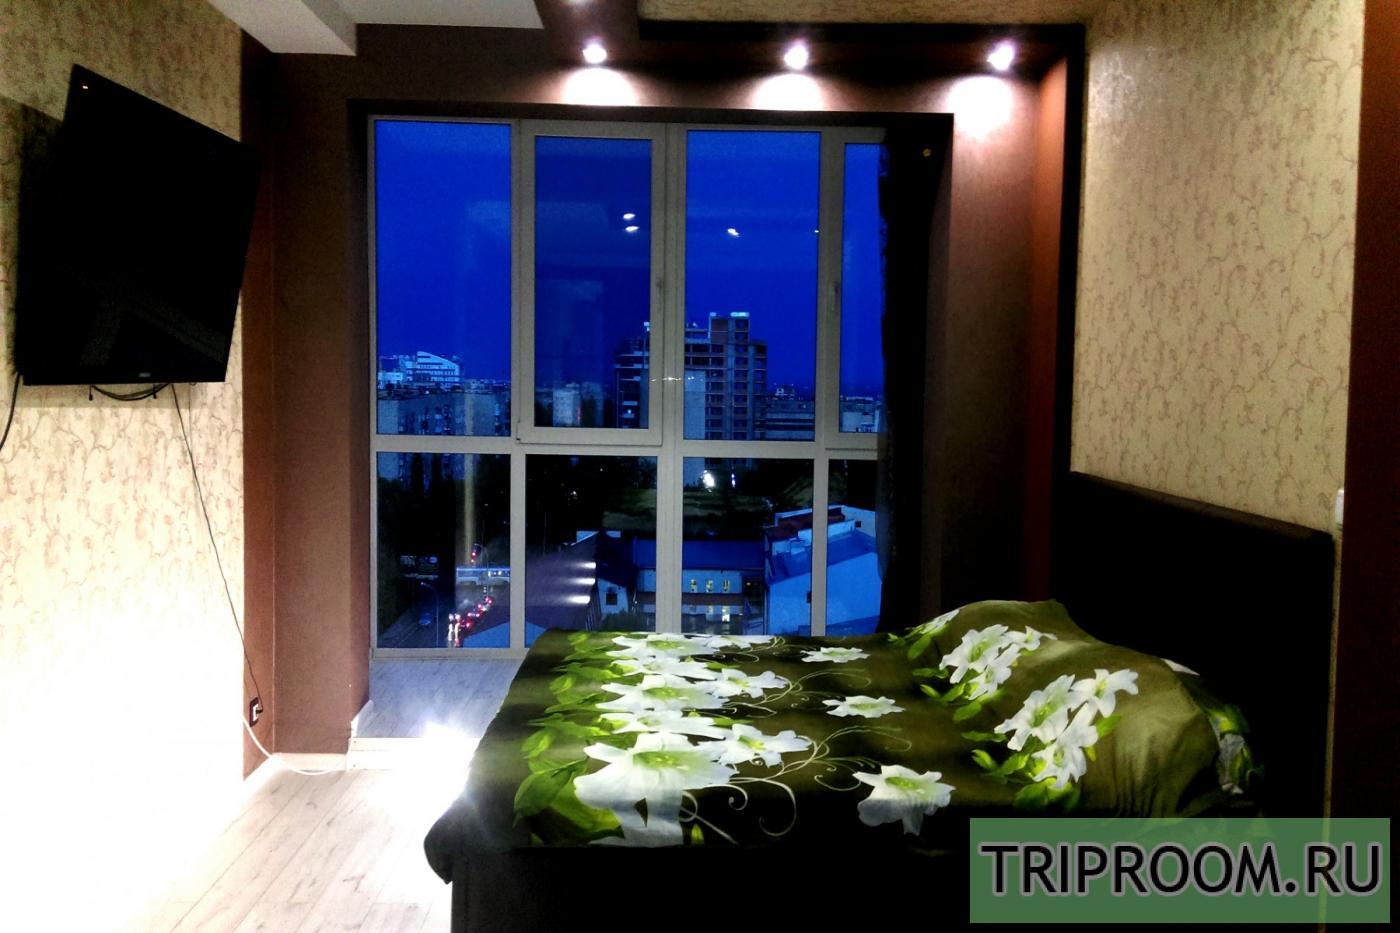 1-комнатная квартира посуточно (вариант № 21966), ул. Аткарская улица, фото № 5